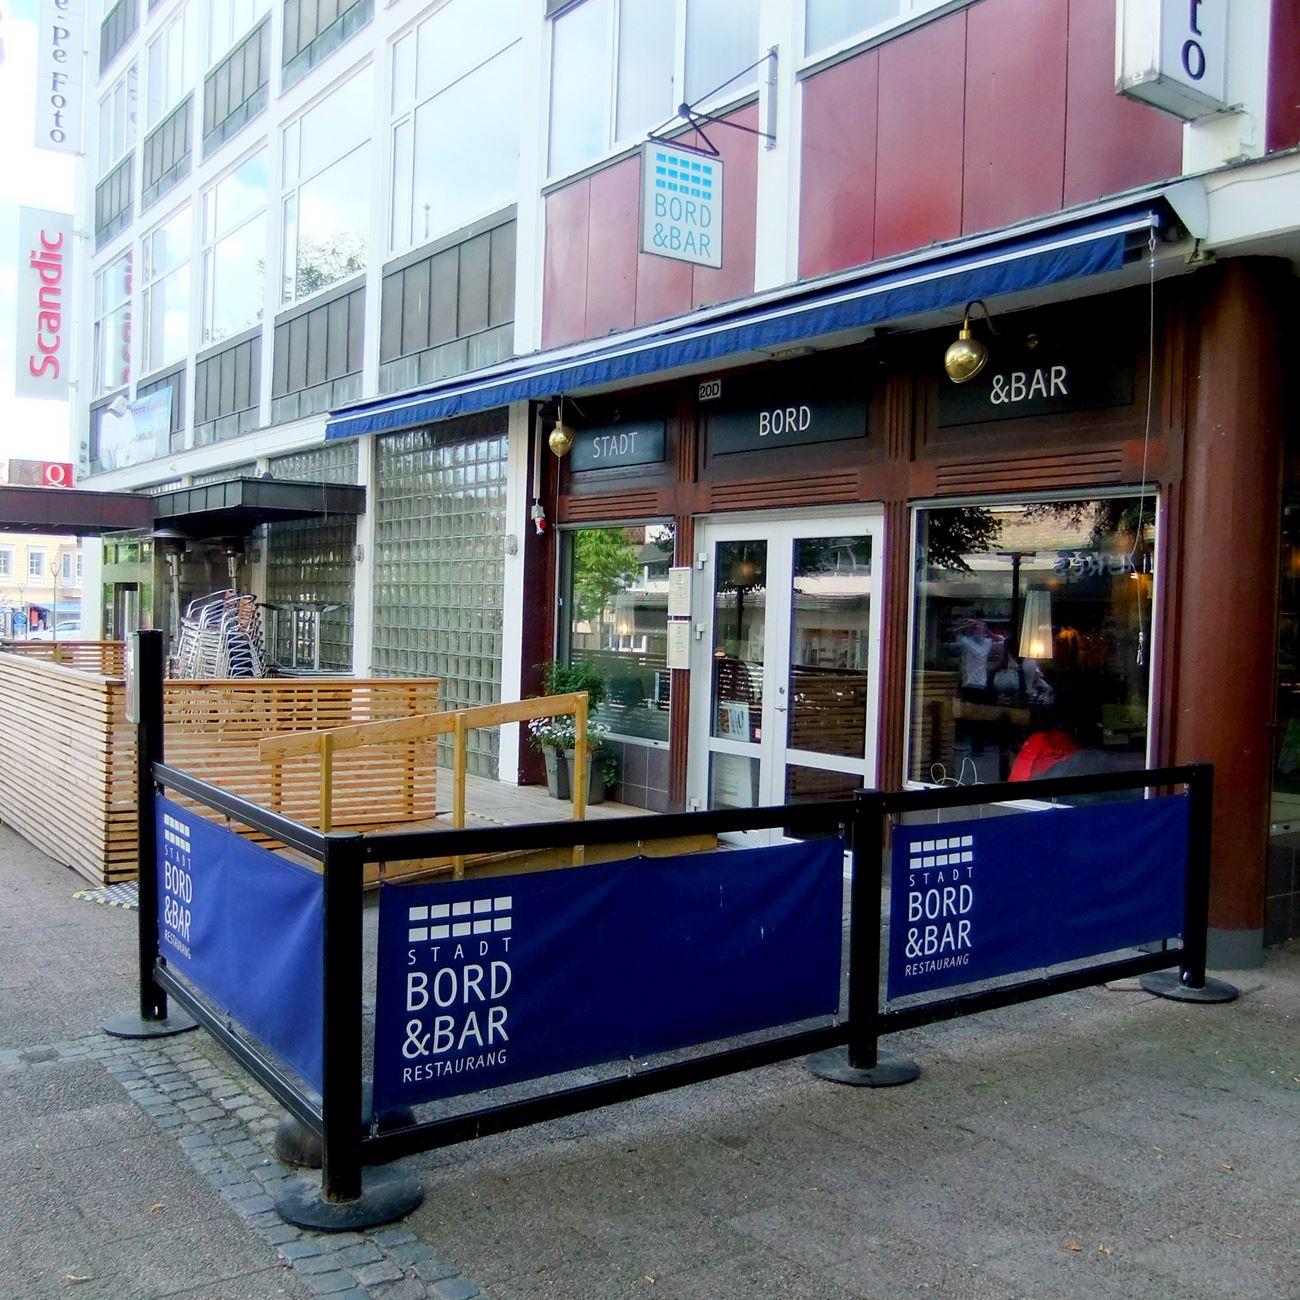 Foto: Maria Grahn,  © Värnamo Näringsliv AB , Stadt Bord & Bar